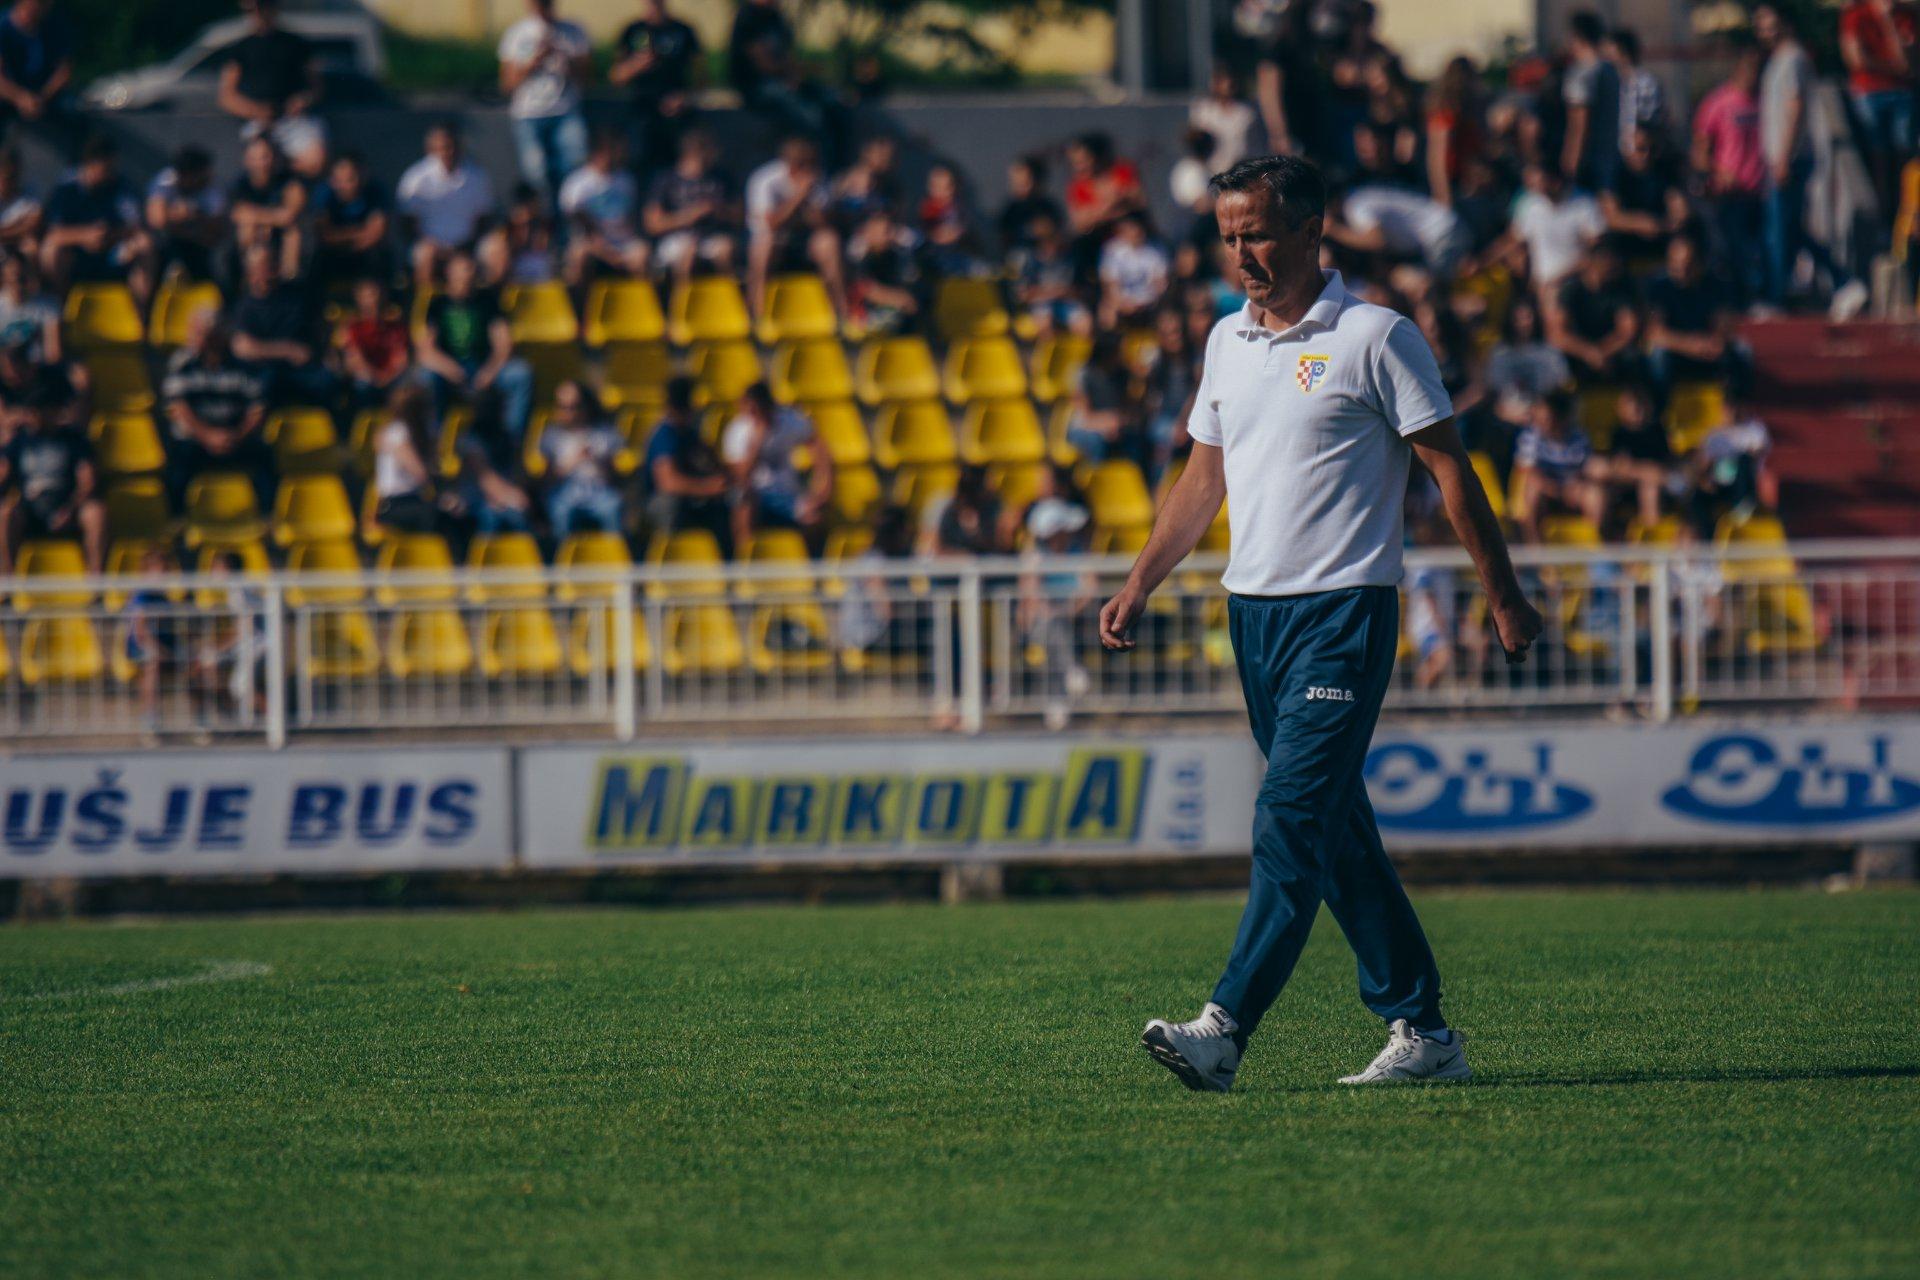 Treneri Slišković i Nalbantić zadovoljni prikazanim